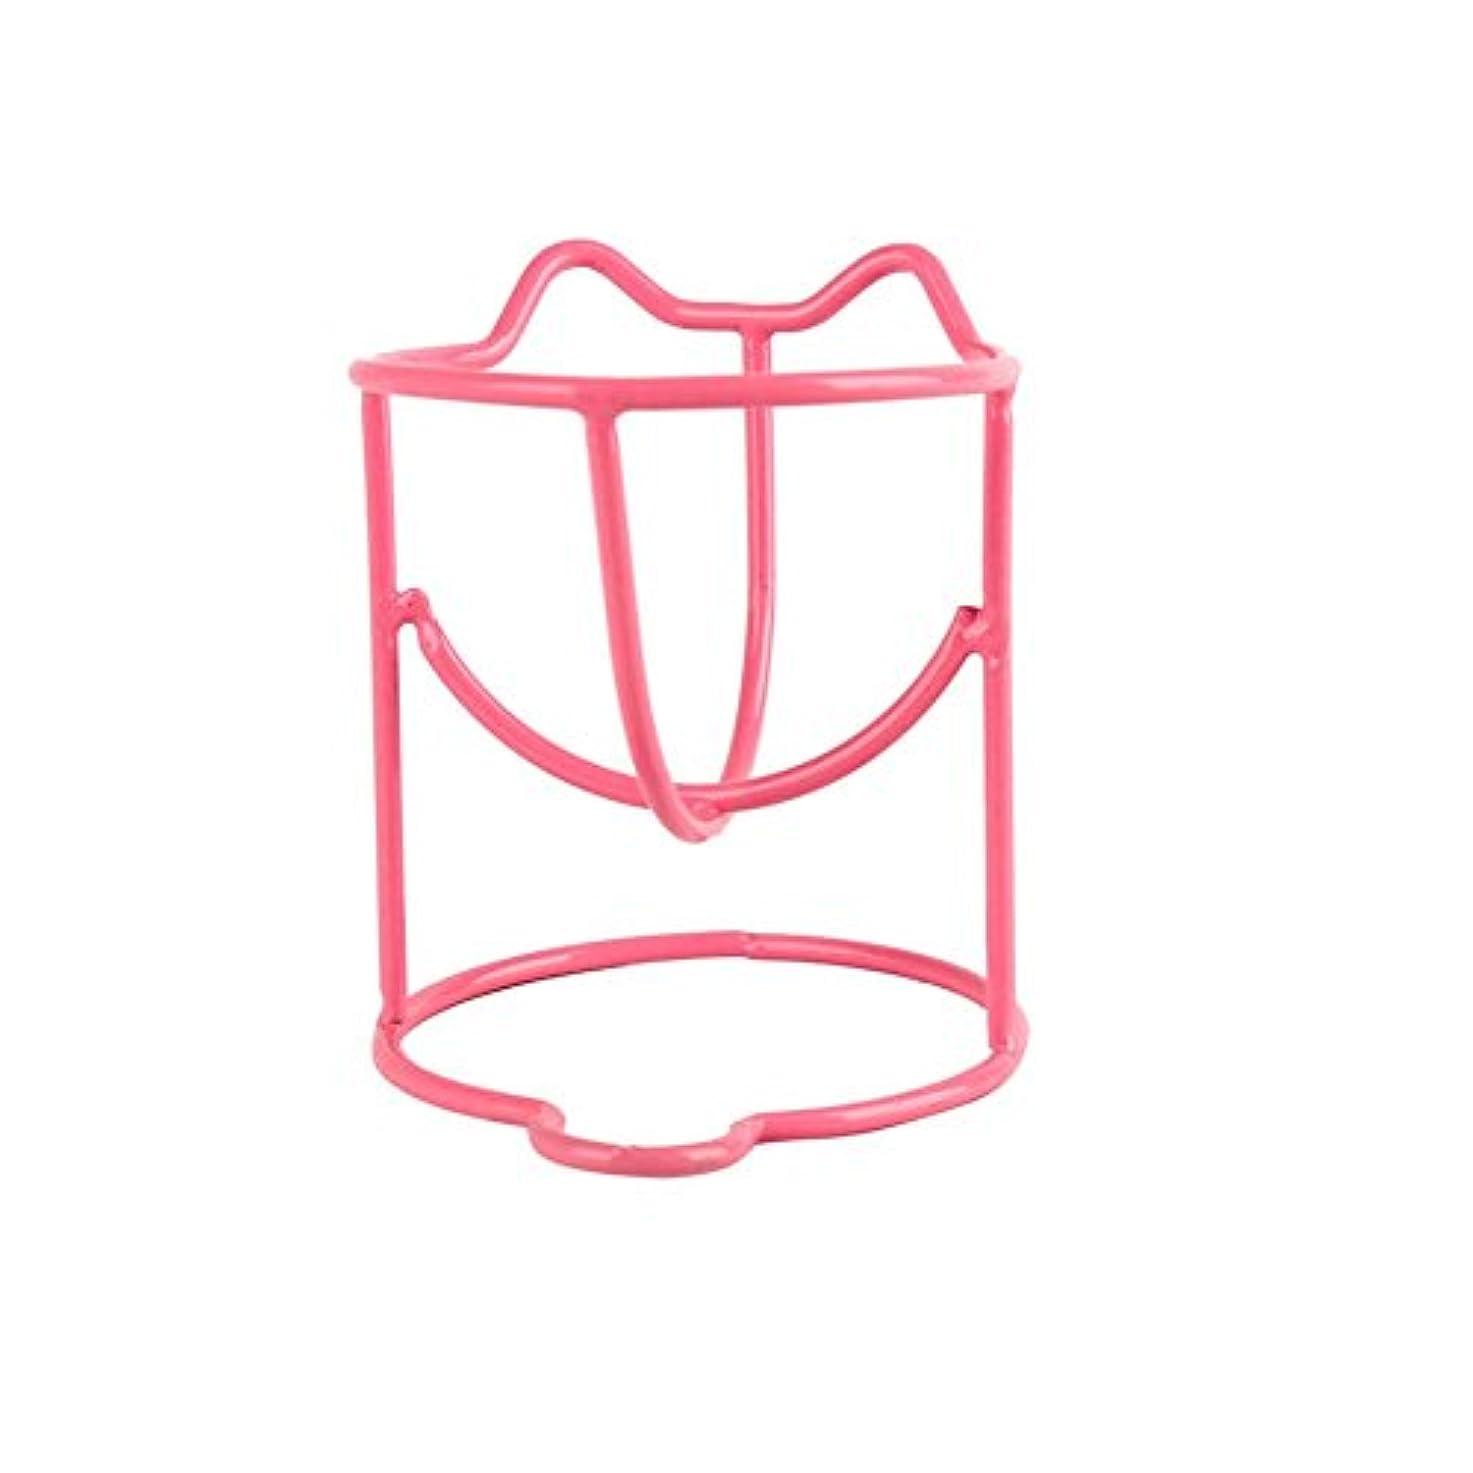 大使十分必要ないファッションメイク卵パウダーパフスポンジディスプレイスタンド乾燥ホルダーラックのセット